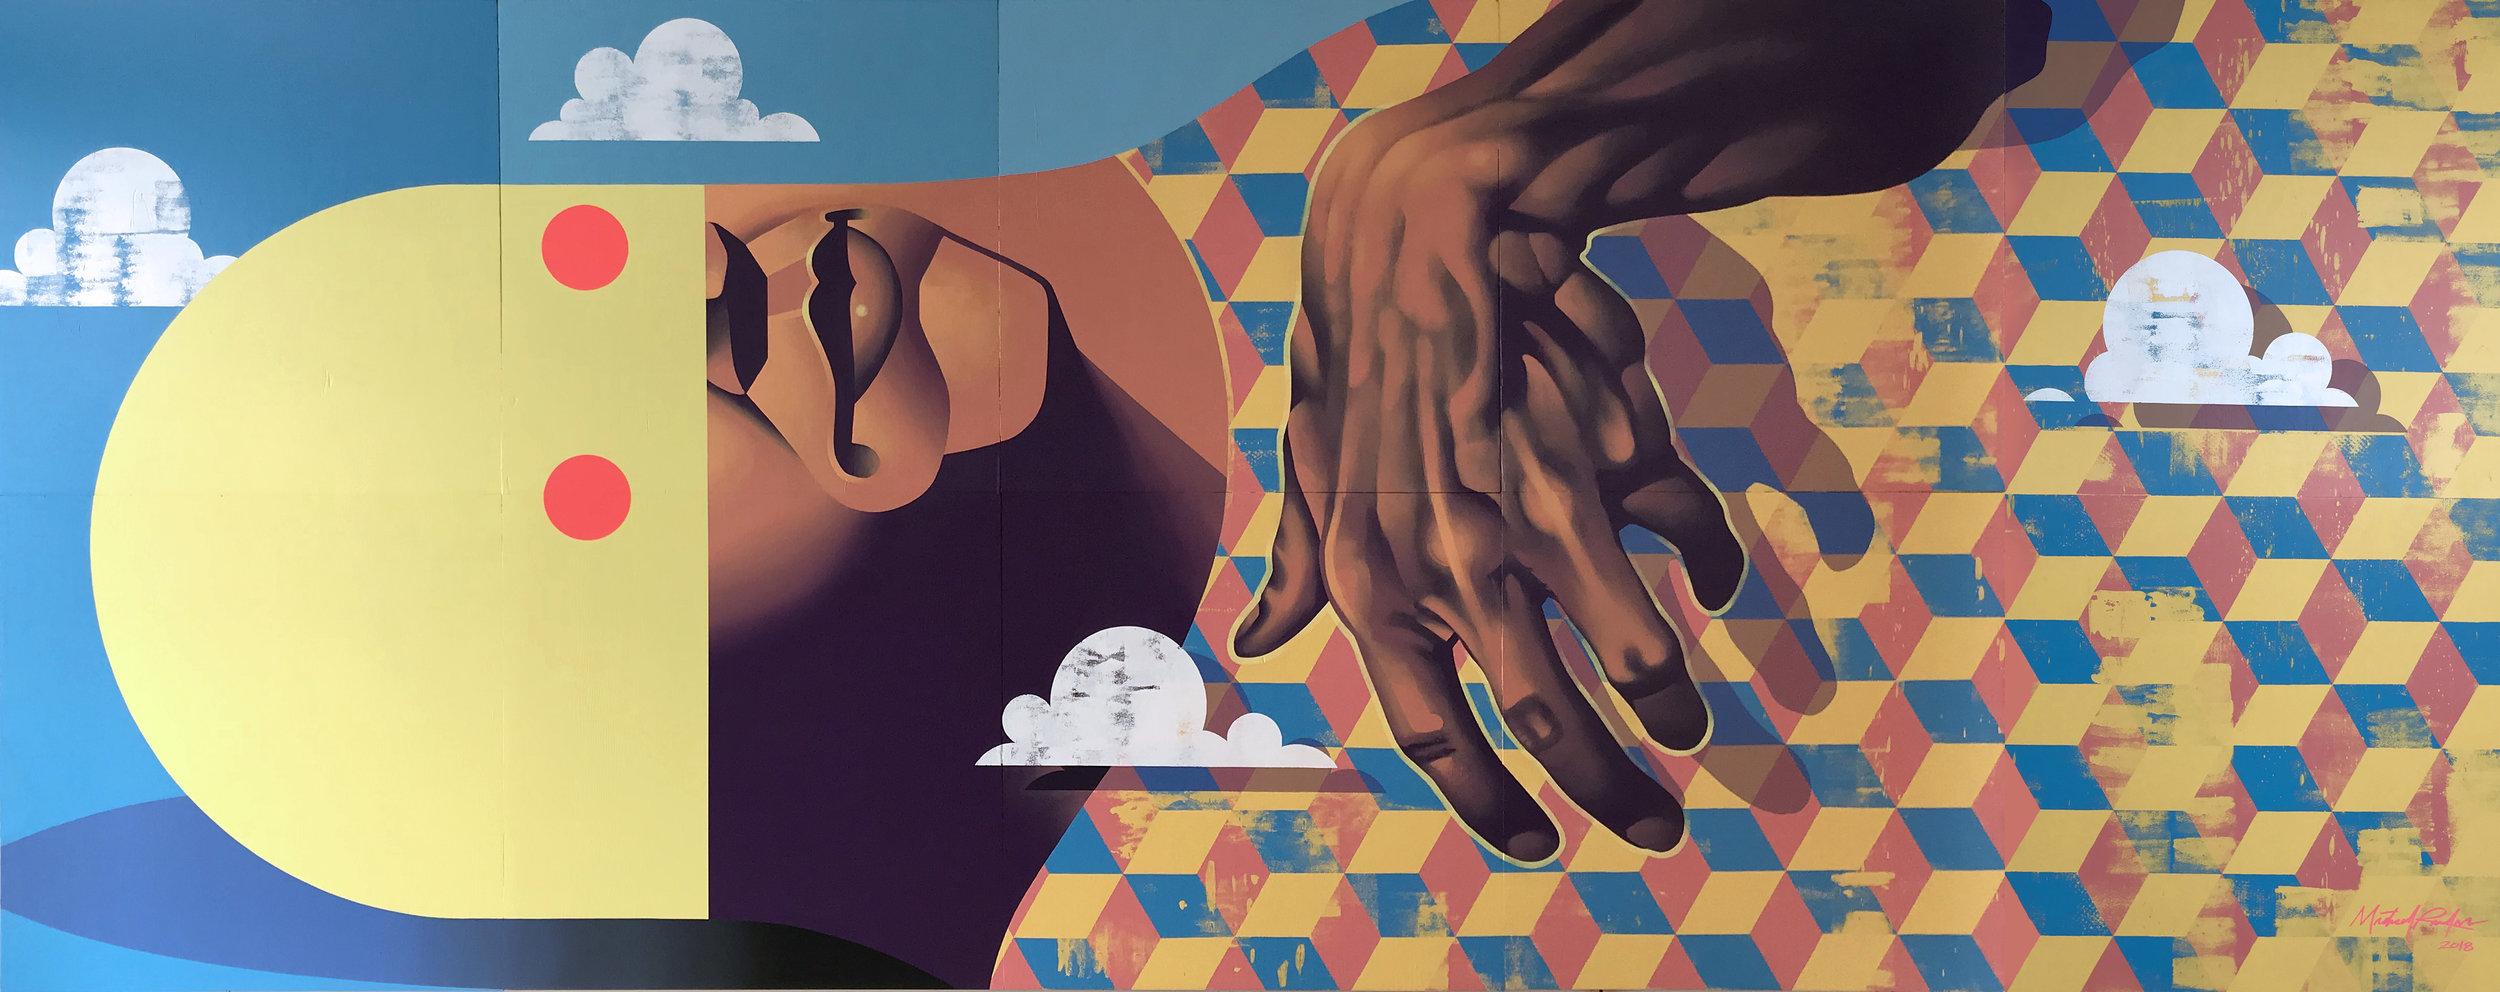 RHC Mural Main.jpg